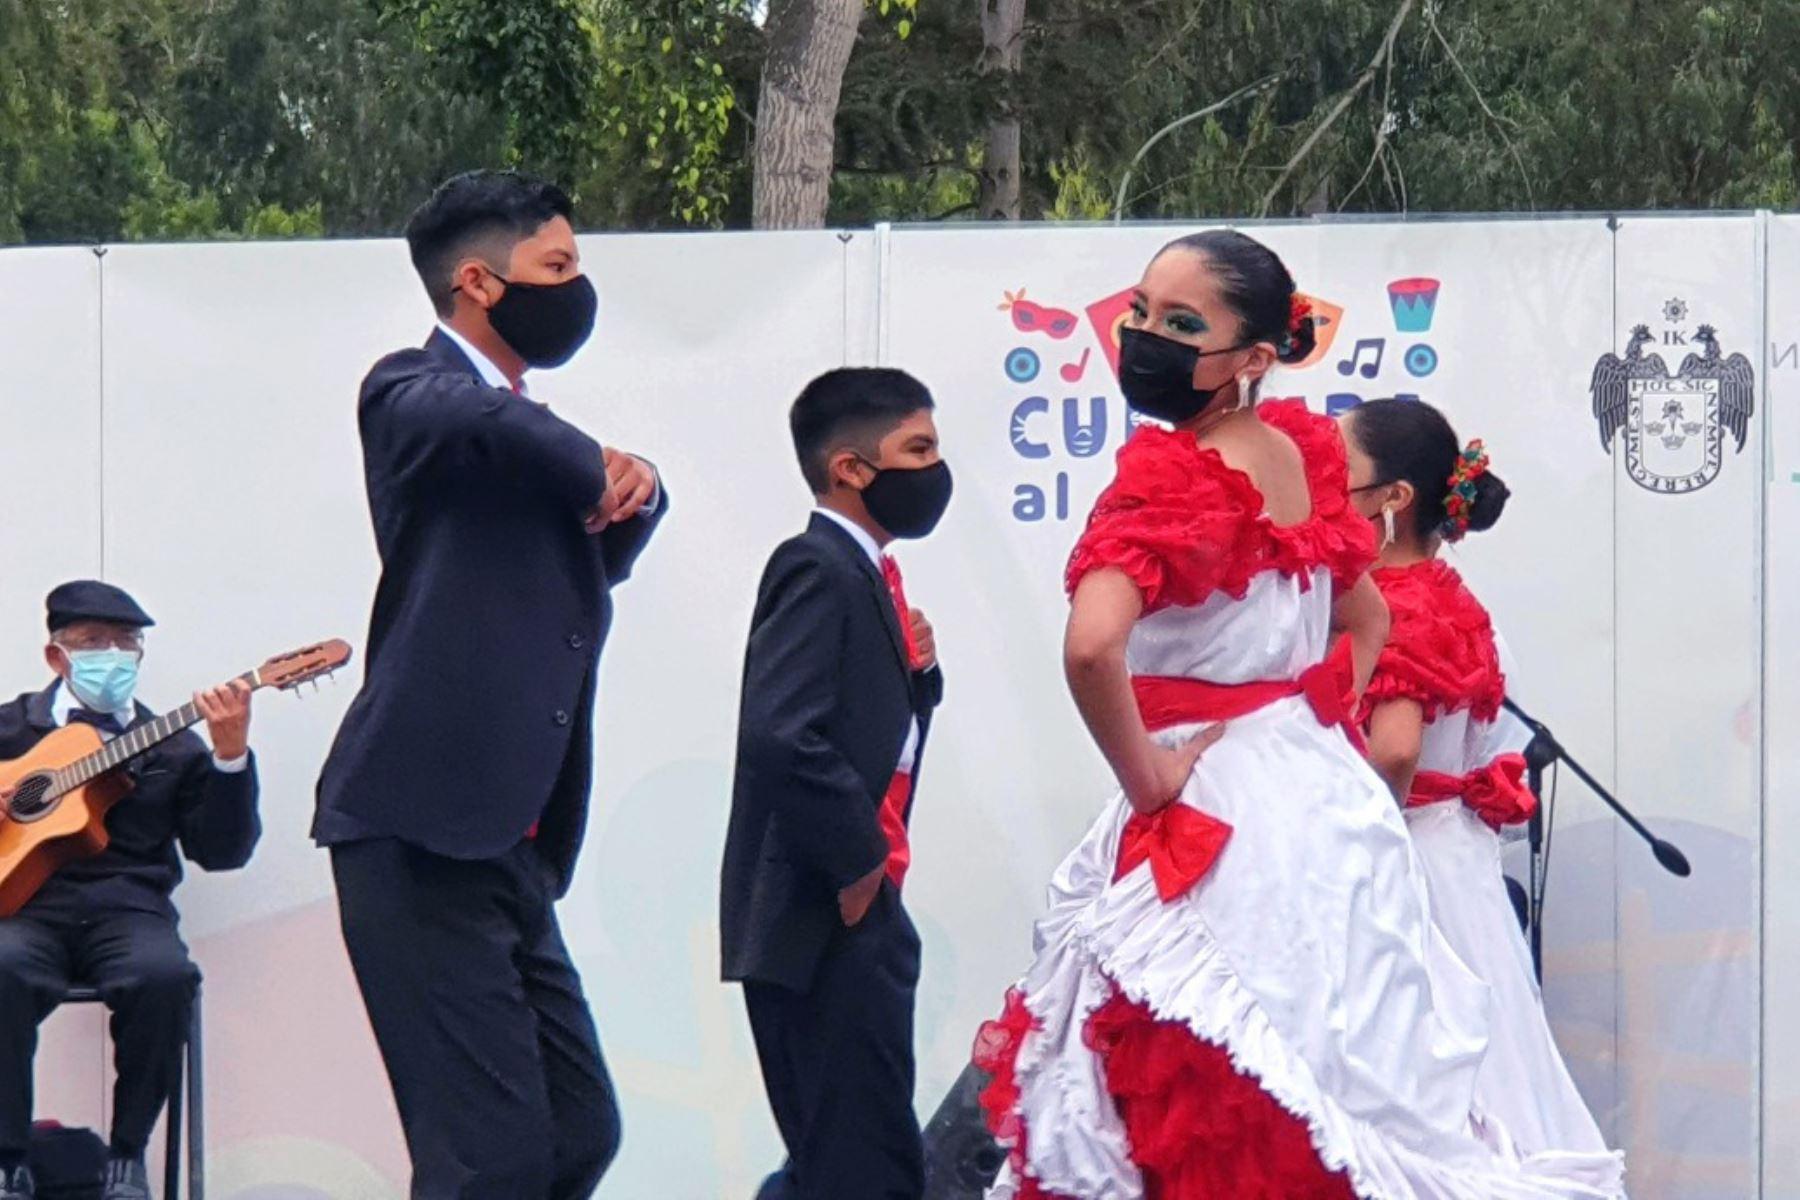 Cultura al Aire Libre presenta música criolla y danzas folclóricas